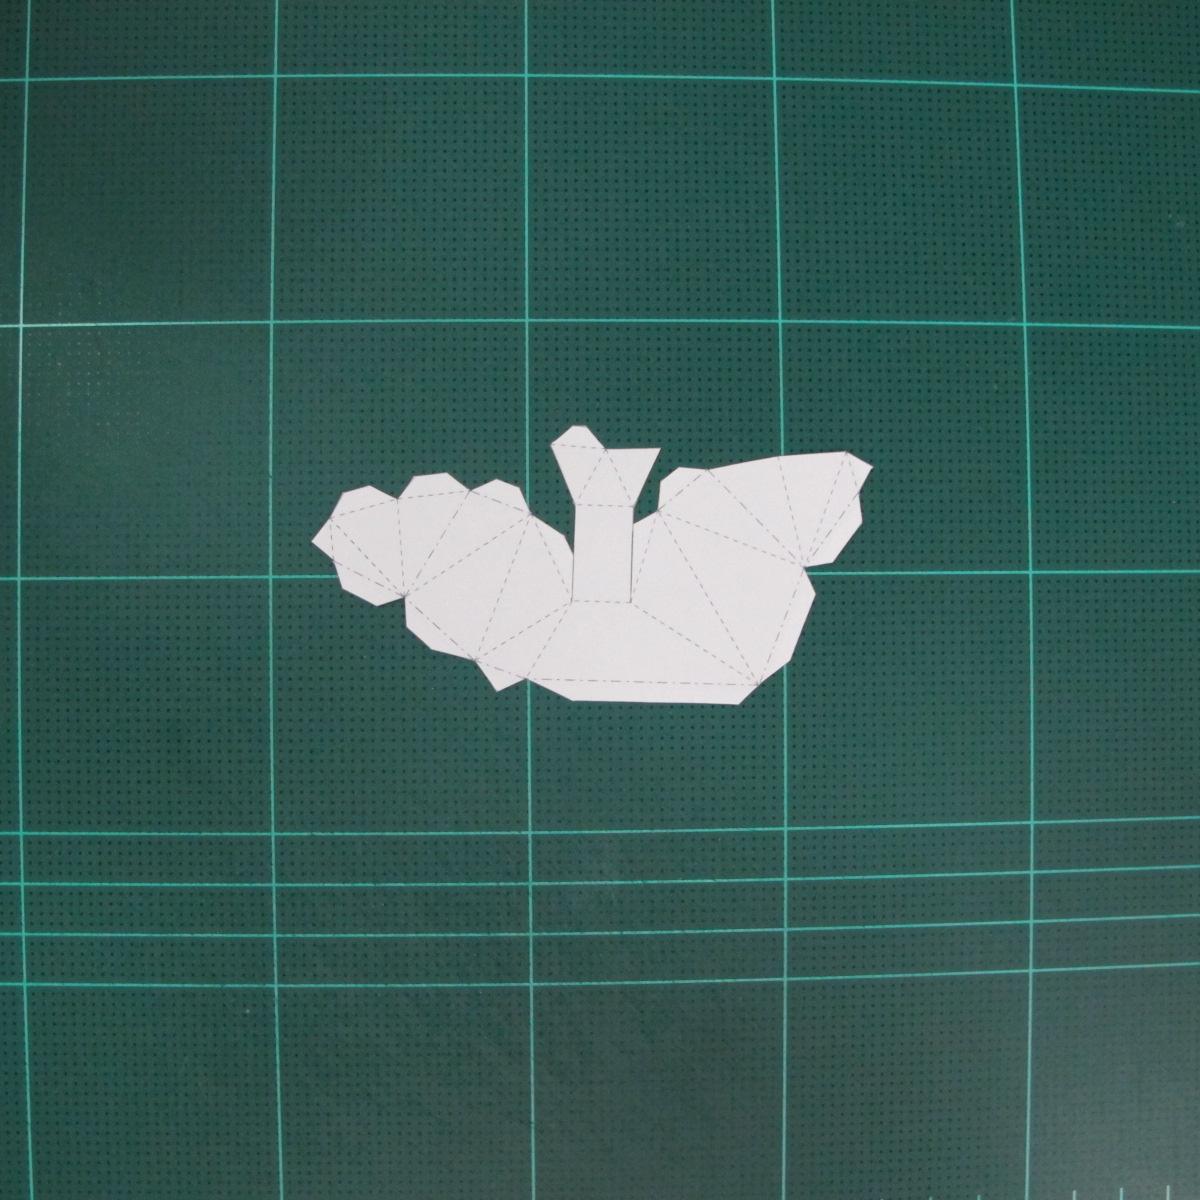 วิธีทำโมเดลกระดาษตุ้กตา คุกกี้สาวผู้ร่าเริง จากเกมส์คุกกี้รัน (LINE Cookie Run – Bright Cookie Papercraft Model) 002